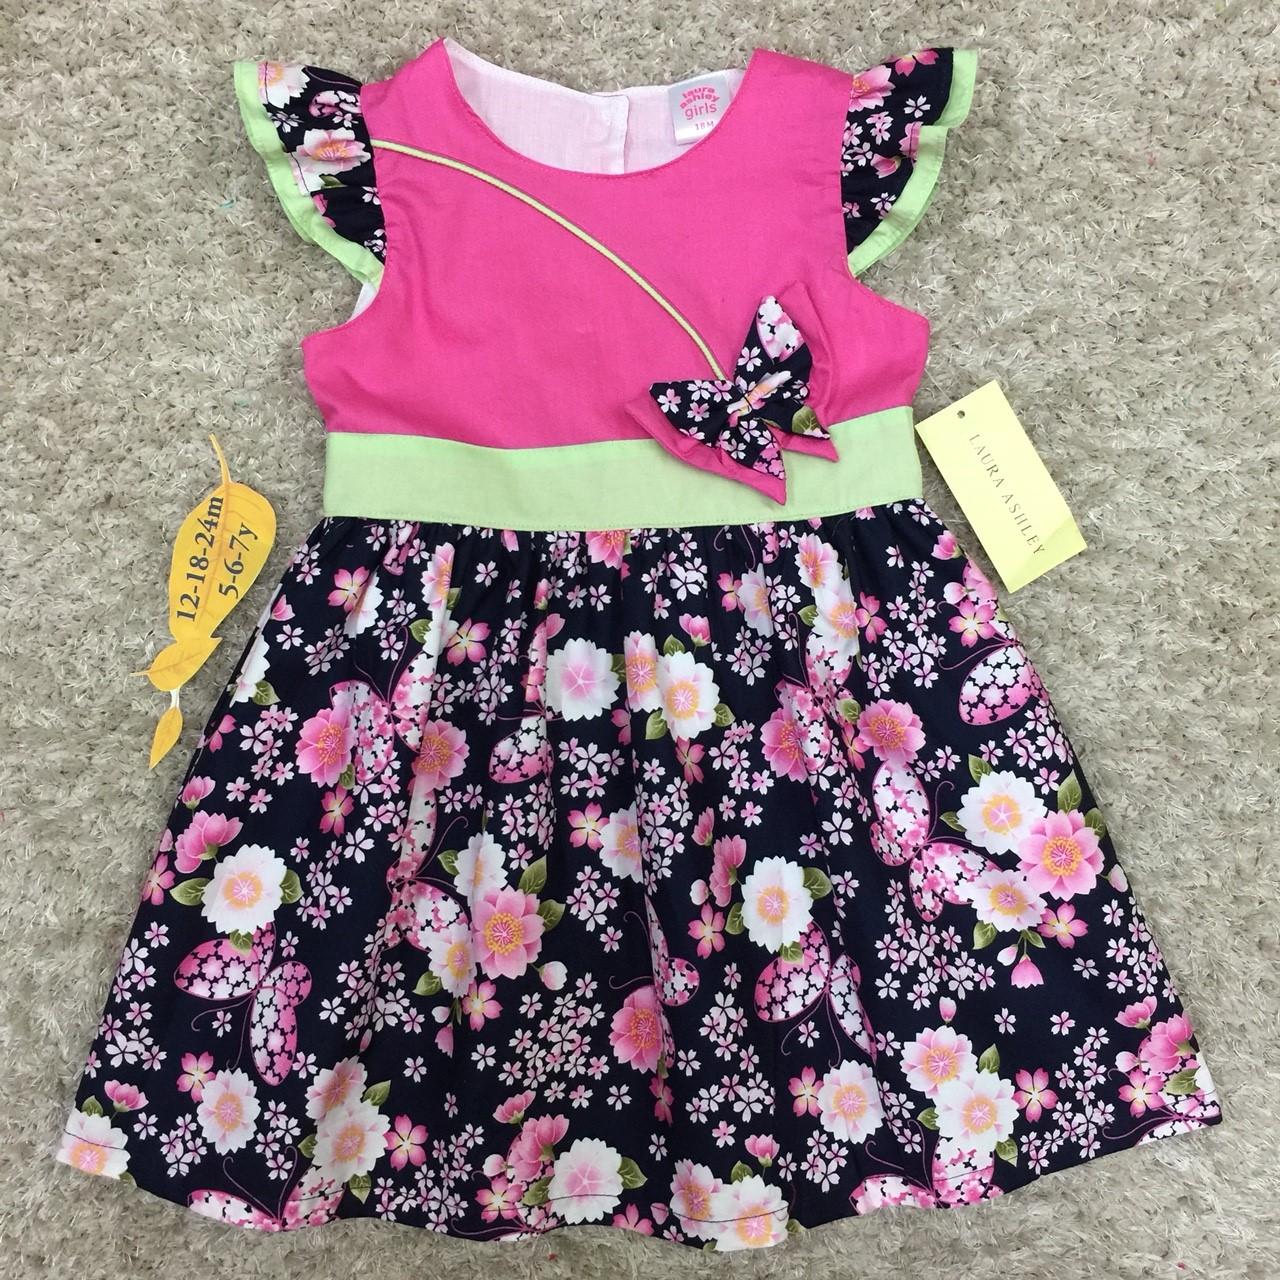 เสื้อผ้าเด็ก 5-7ปี size 5Y-6Y-7Y ลายดอกไม้ แต่งผีเสื้อ สีชมพู/กรมท่า